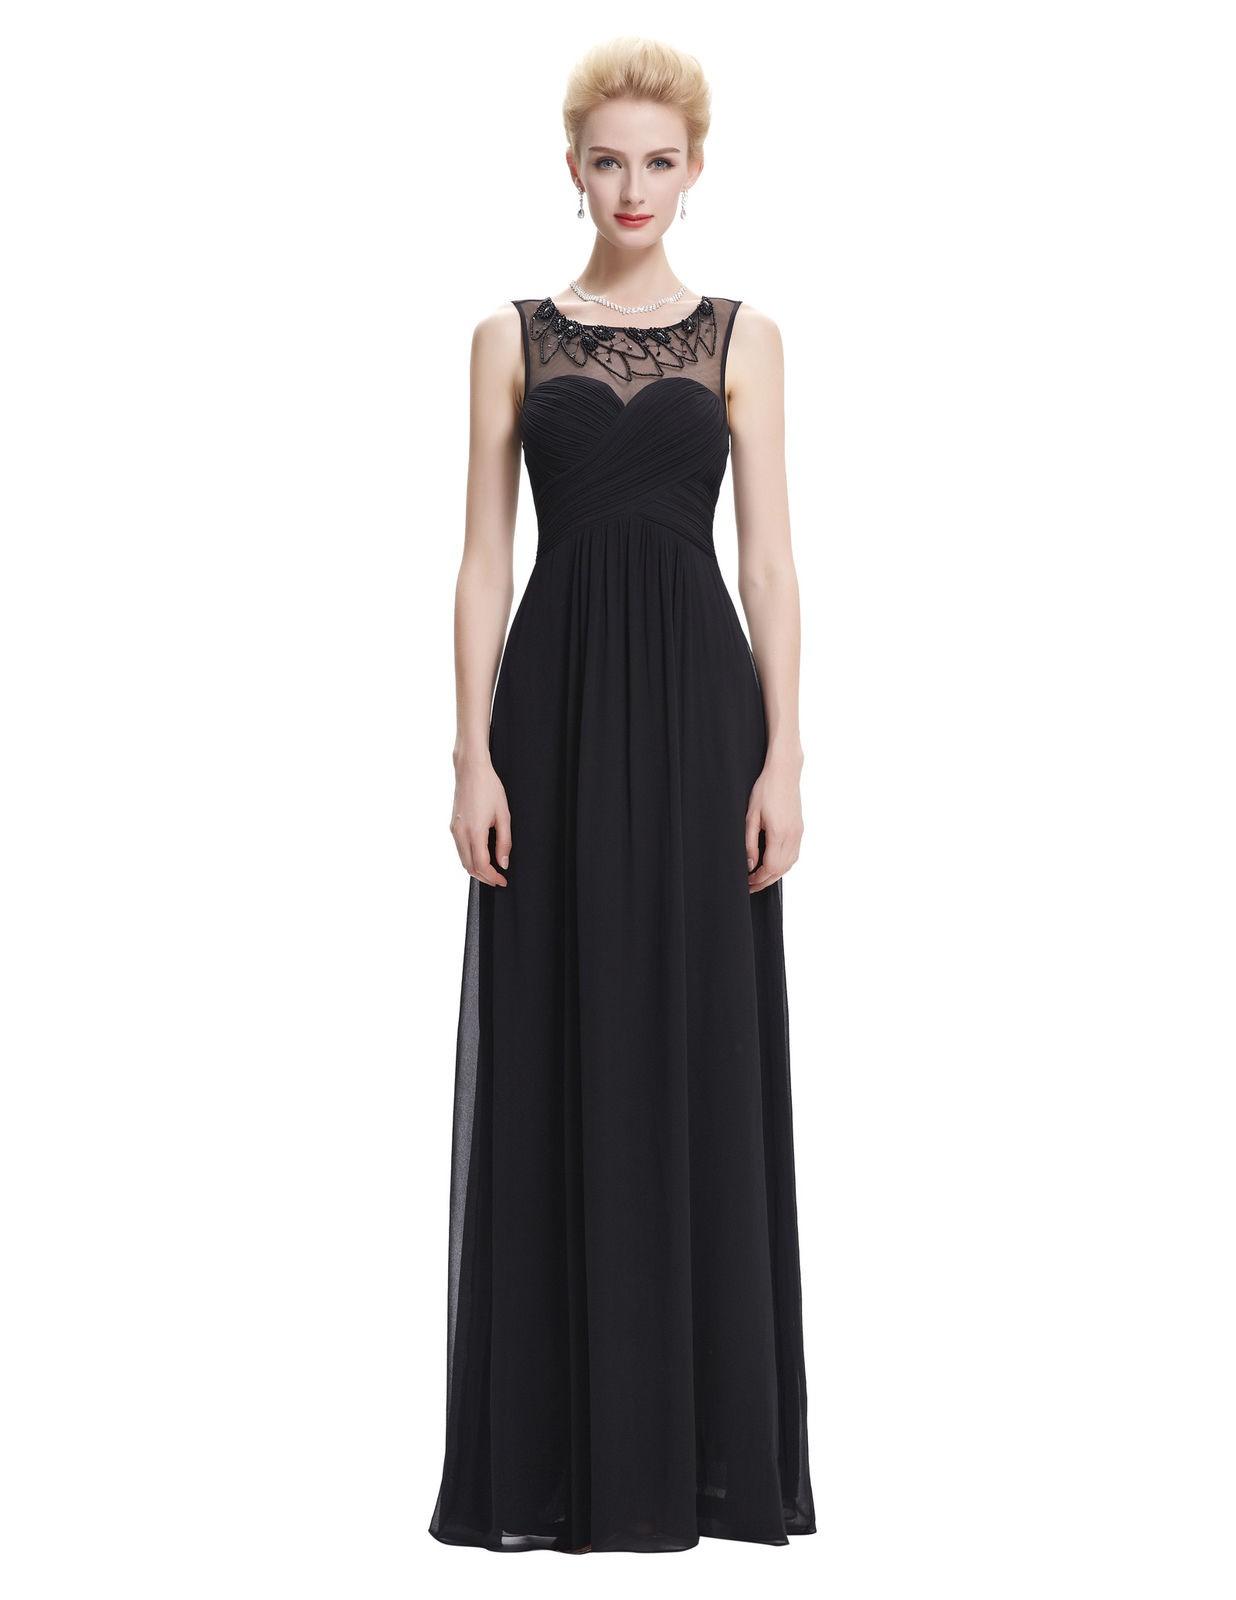 Černé společenské šaty na ples s tylovými ramínky XS 304889f86a6